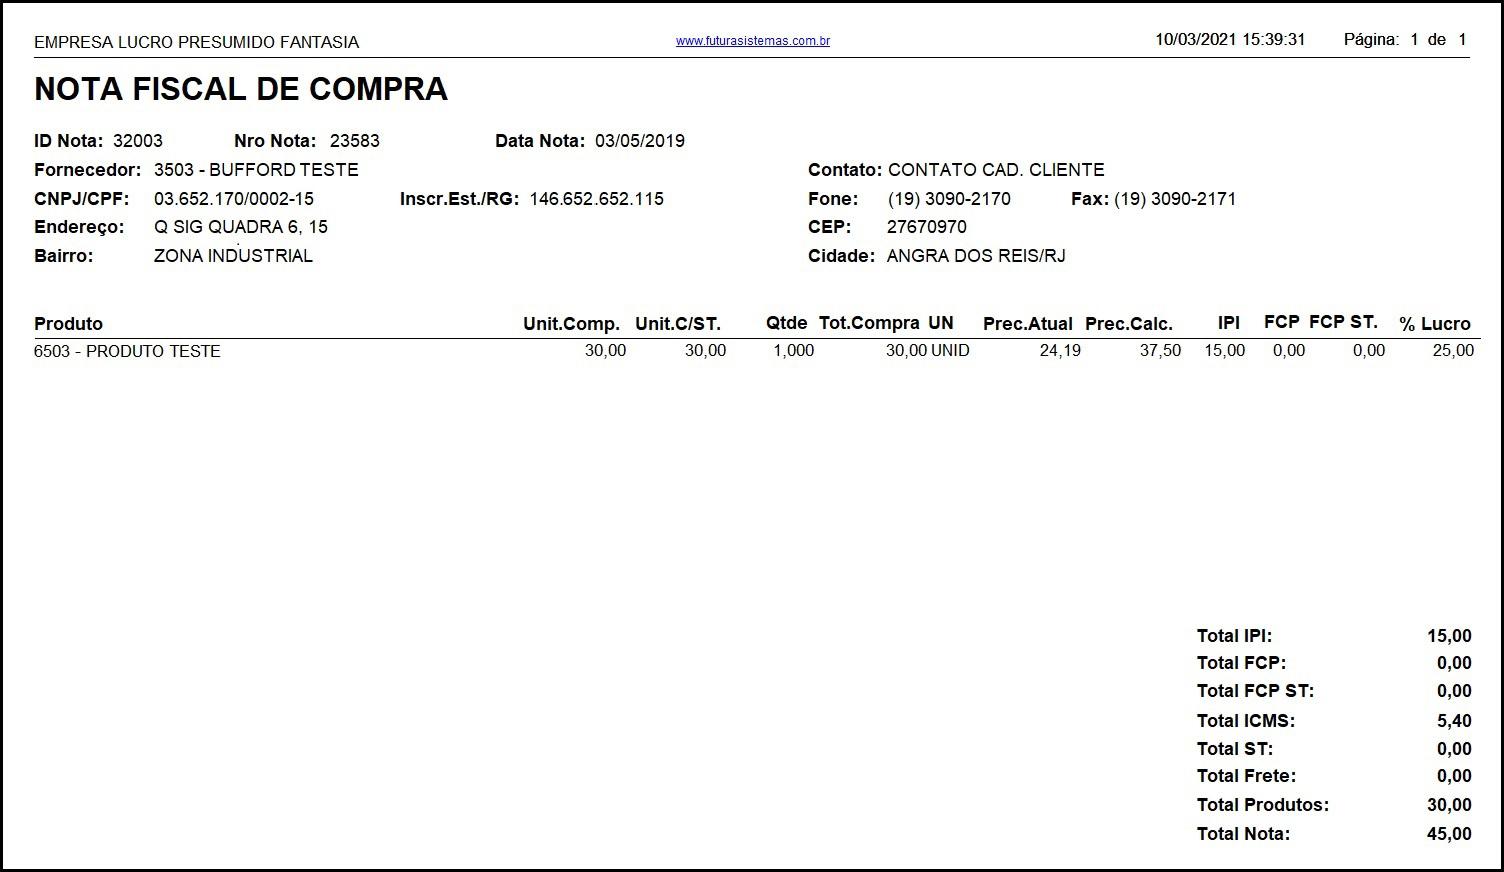 Relatório Nota Fiscal de Compra – FS236.1 02